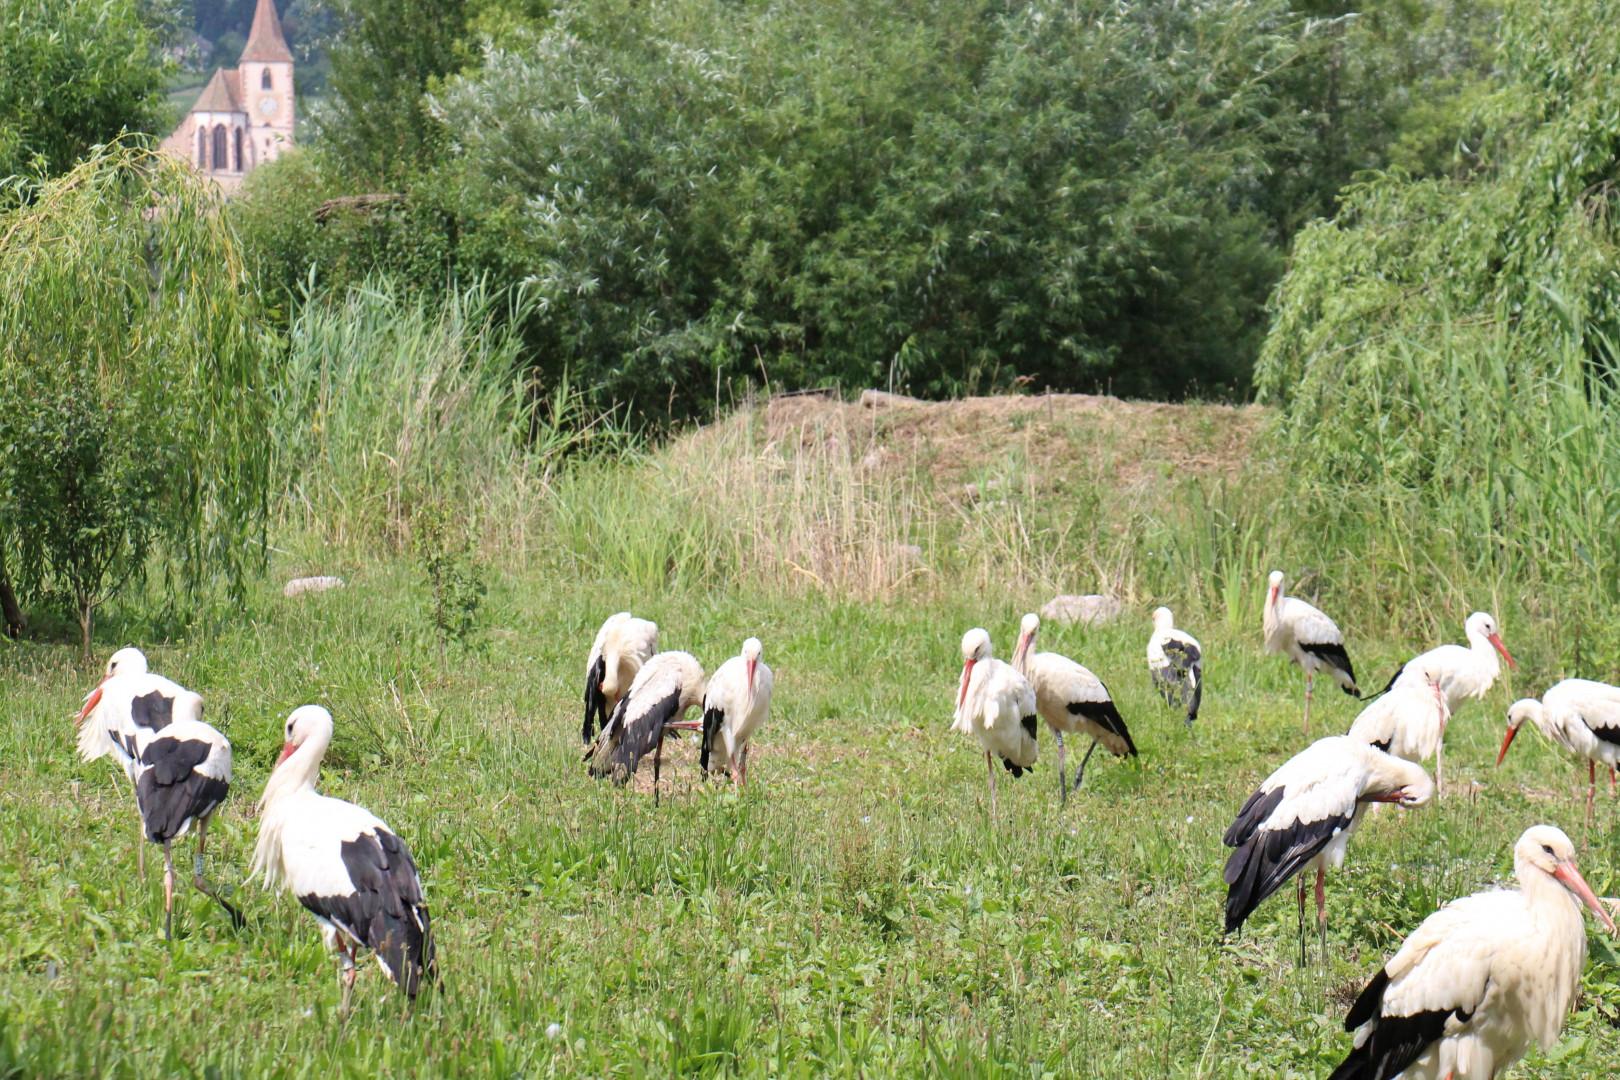 70 nids colonisent à présent le parc de Hunawihr